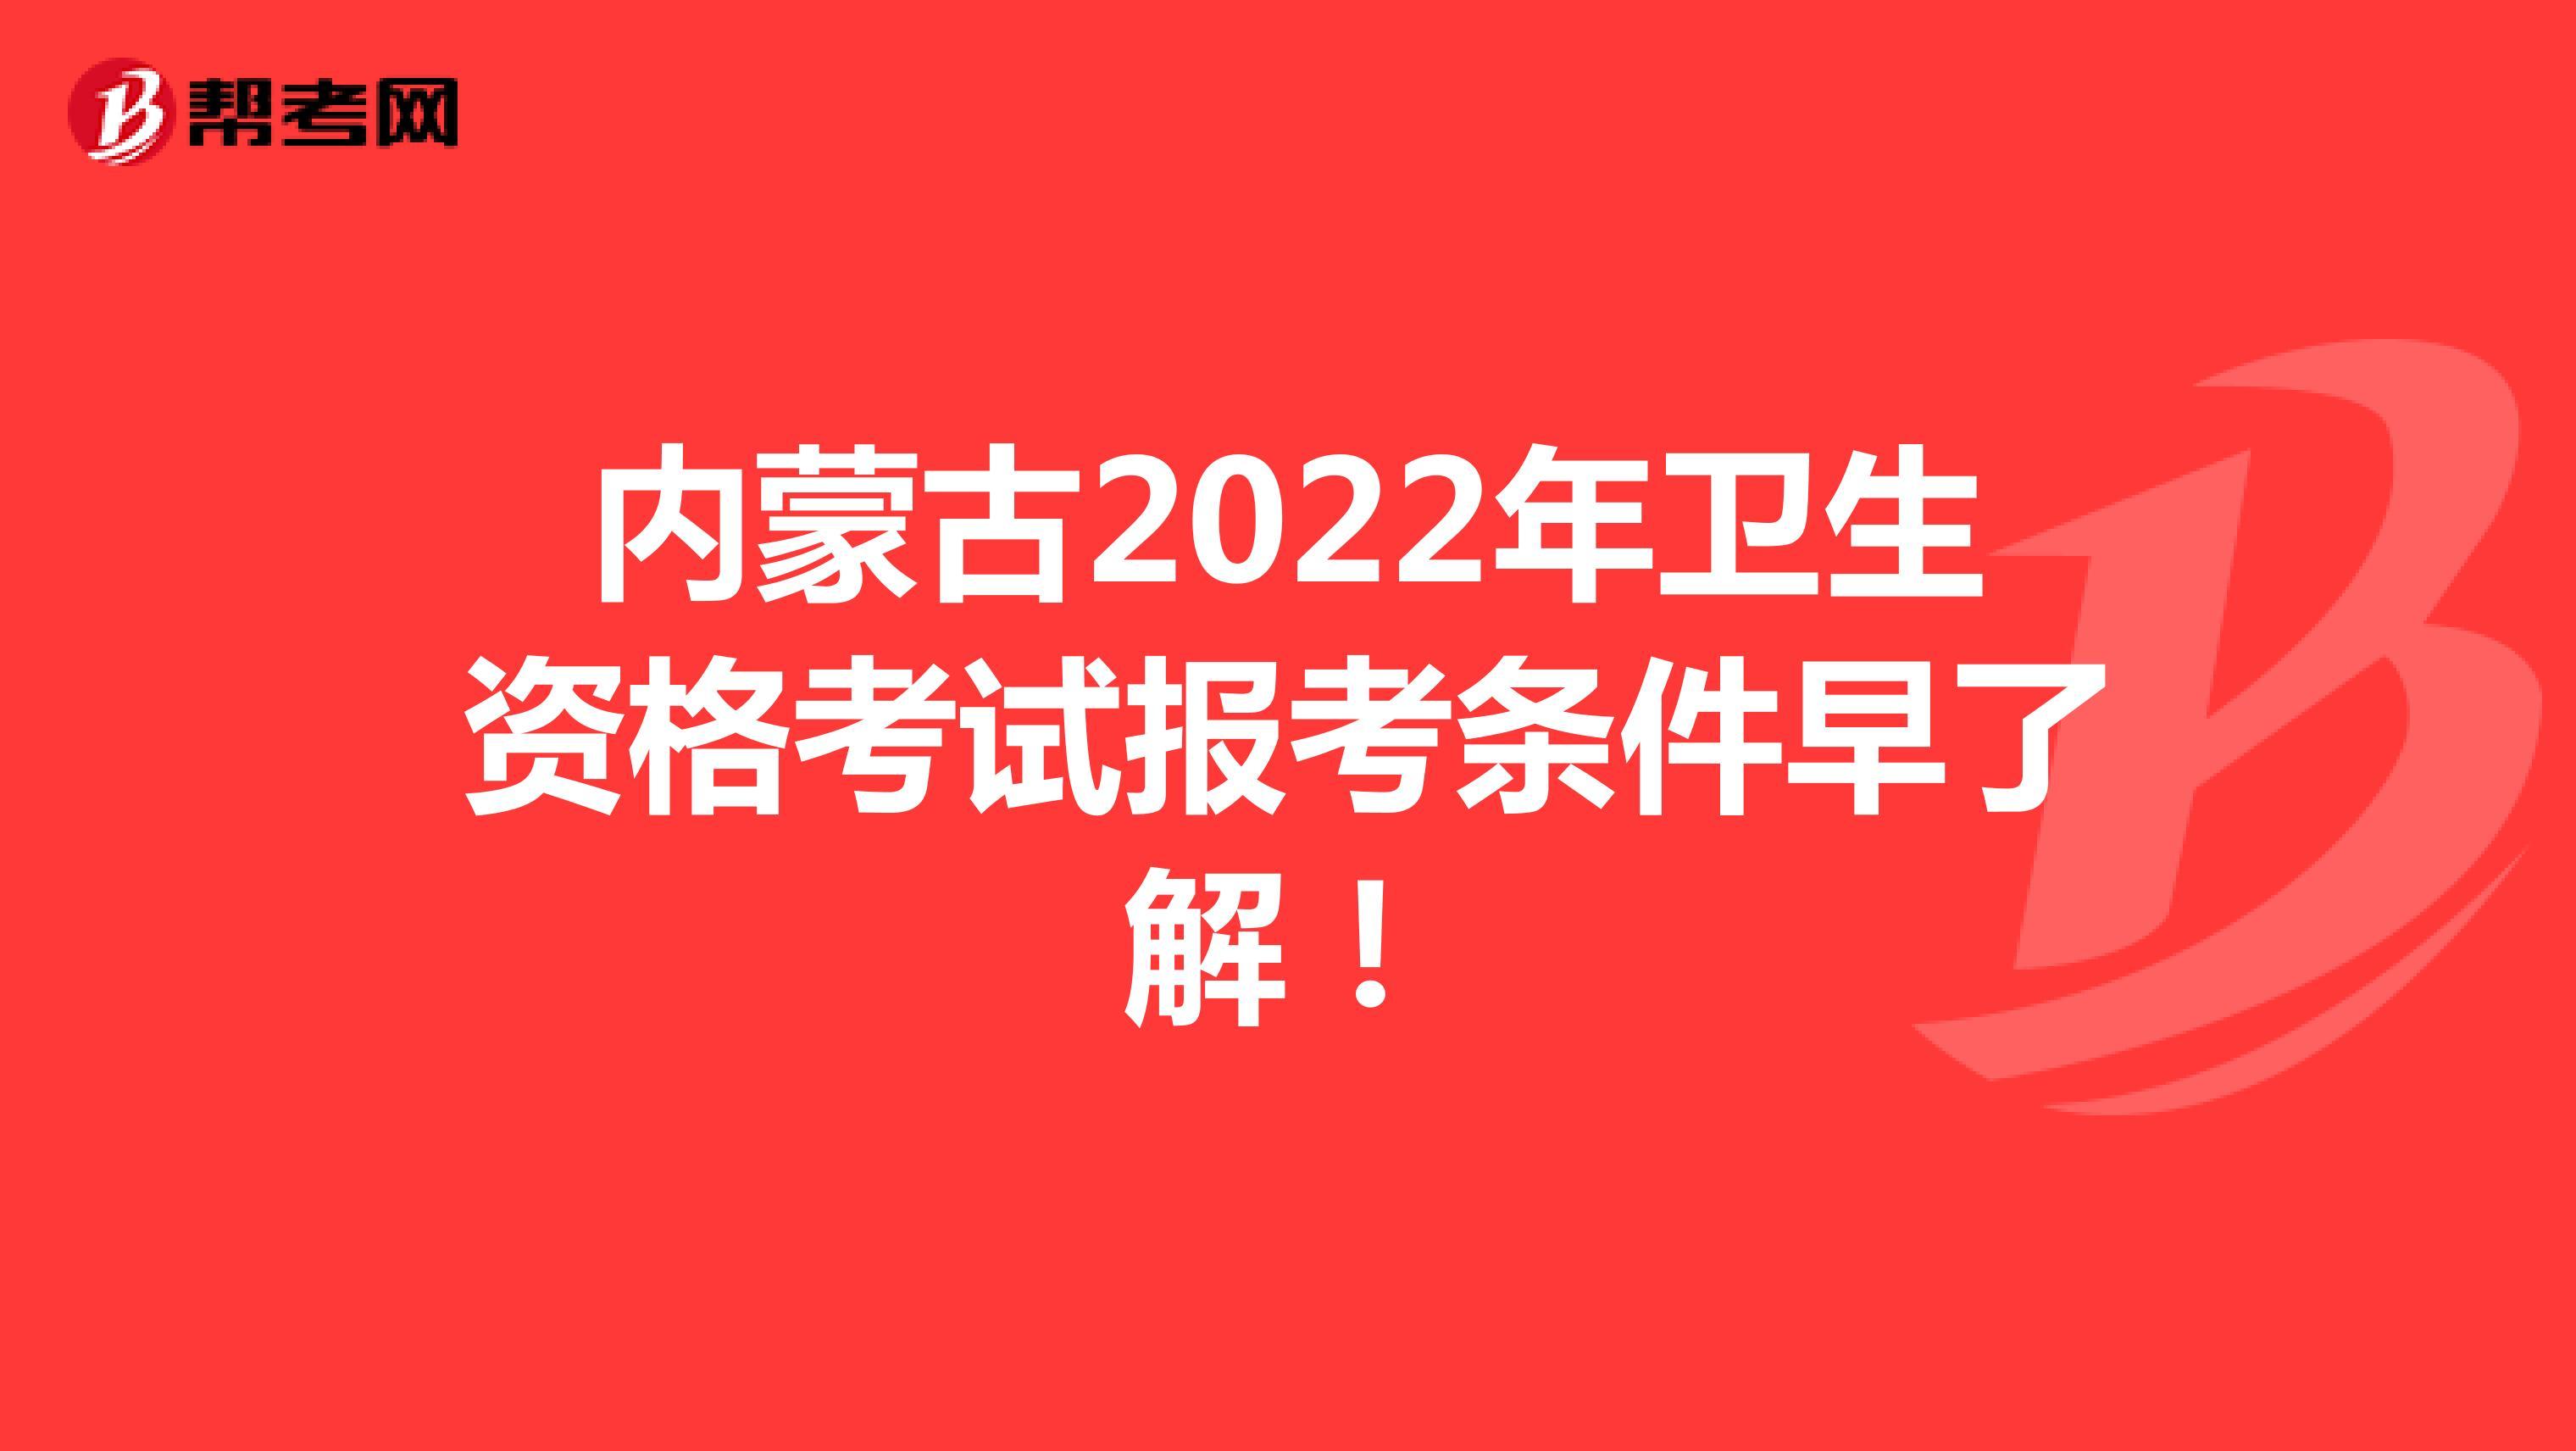 内蒙古2022年卫生资格考试报考条件早了解!